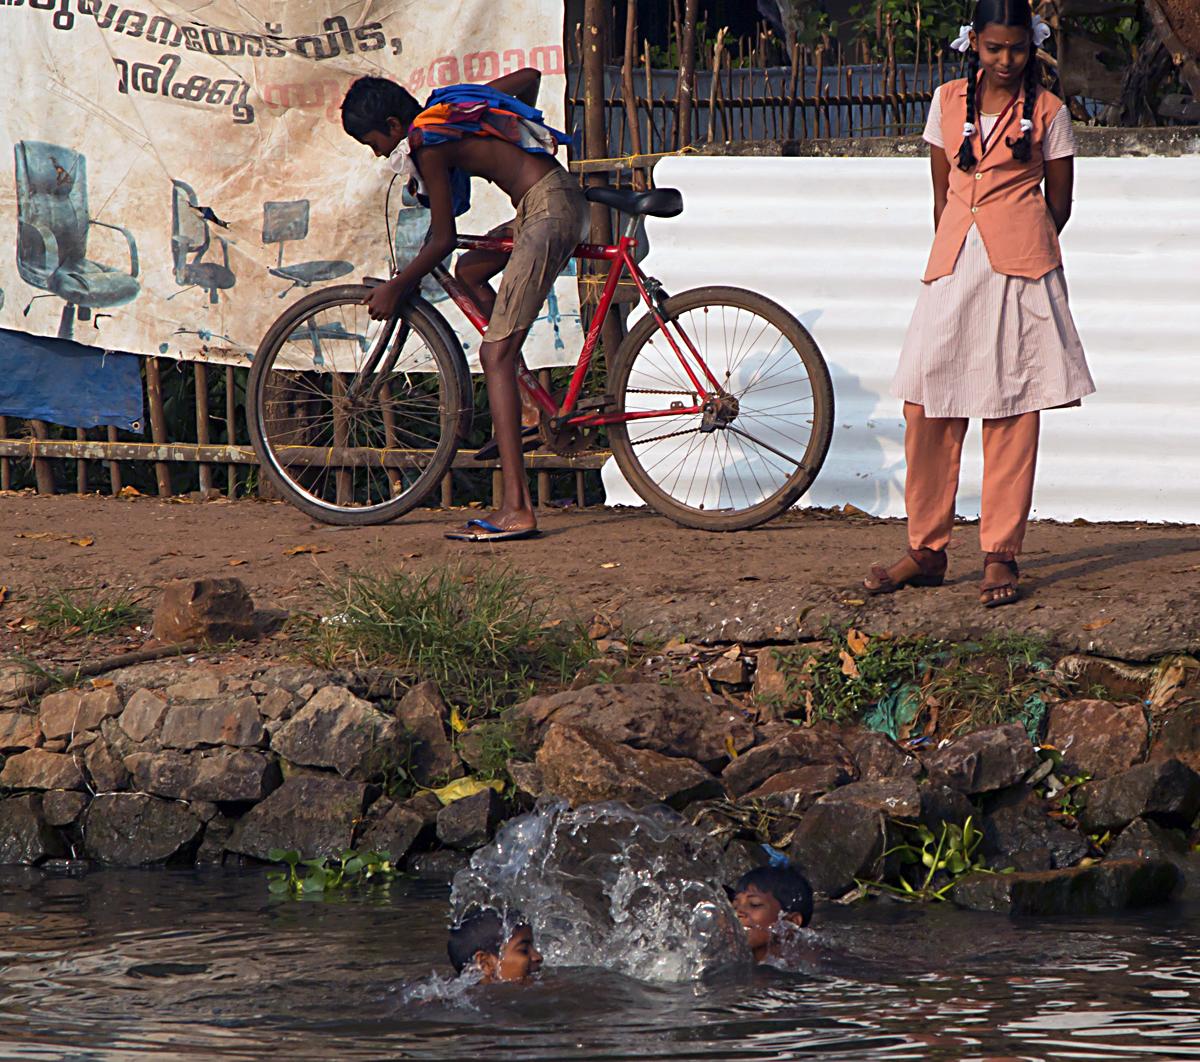 INDIEN Menschen Leben am Fluss FINEST-onTour 8689.jpg